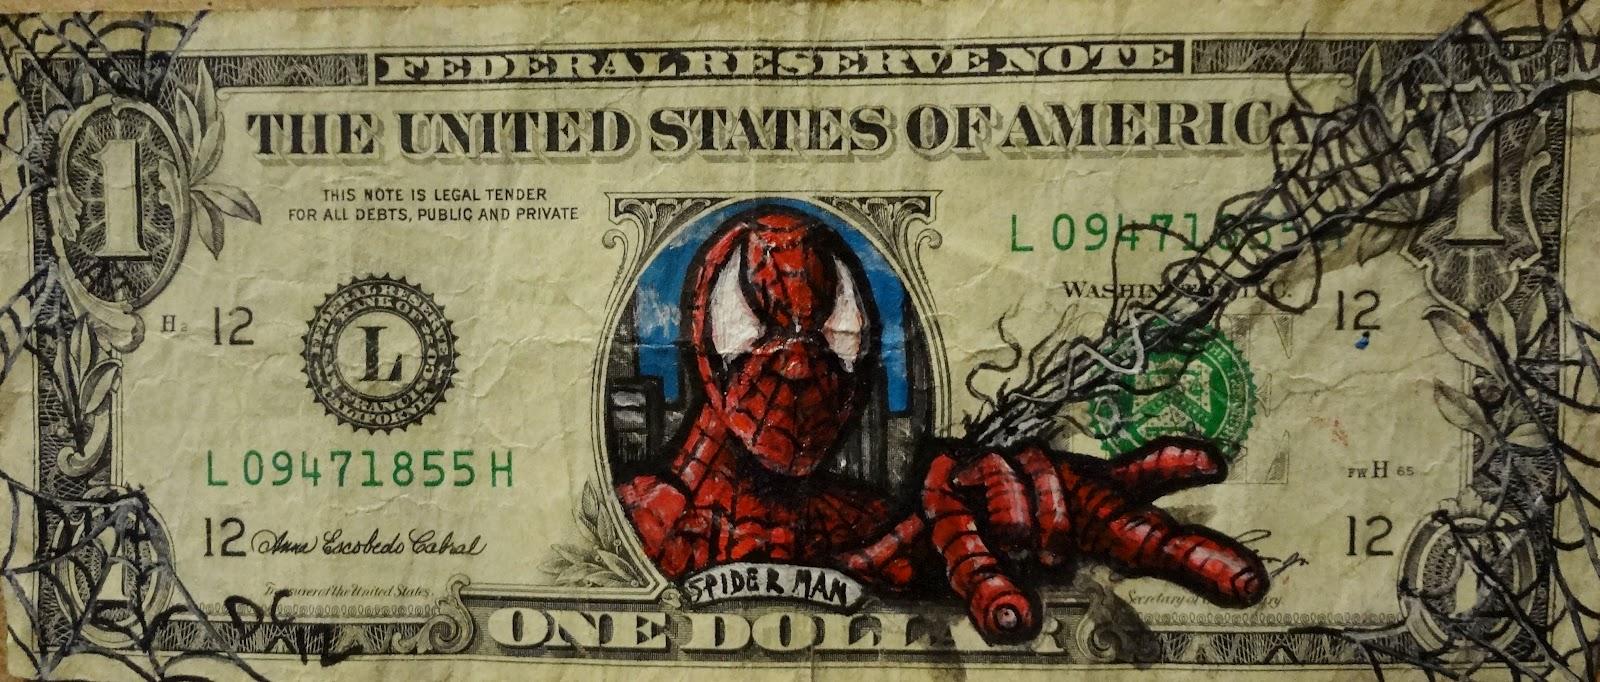 spider man 38